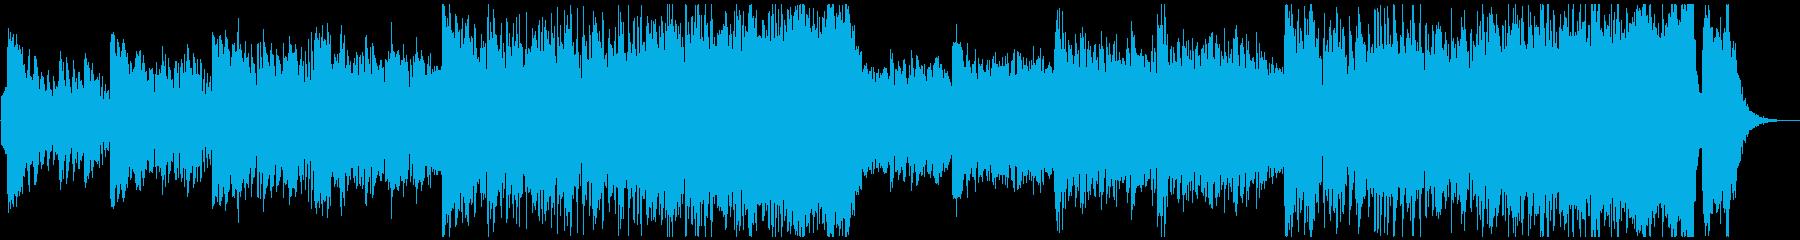 ゲームやCMに迫力EPICオーケストラの再生済みの波形